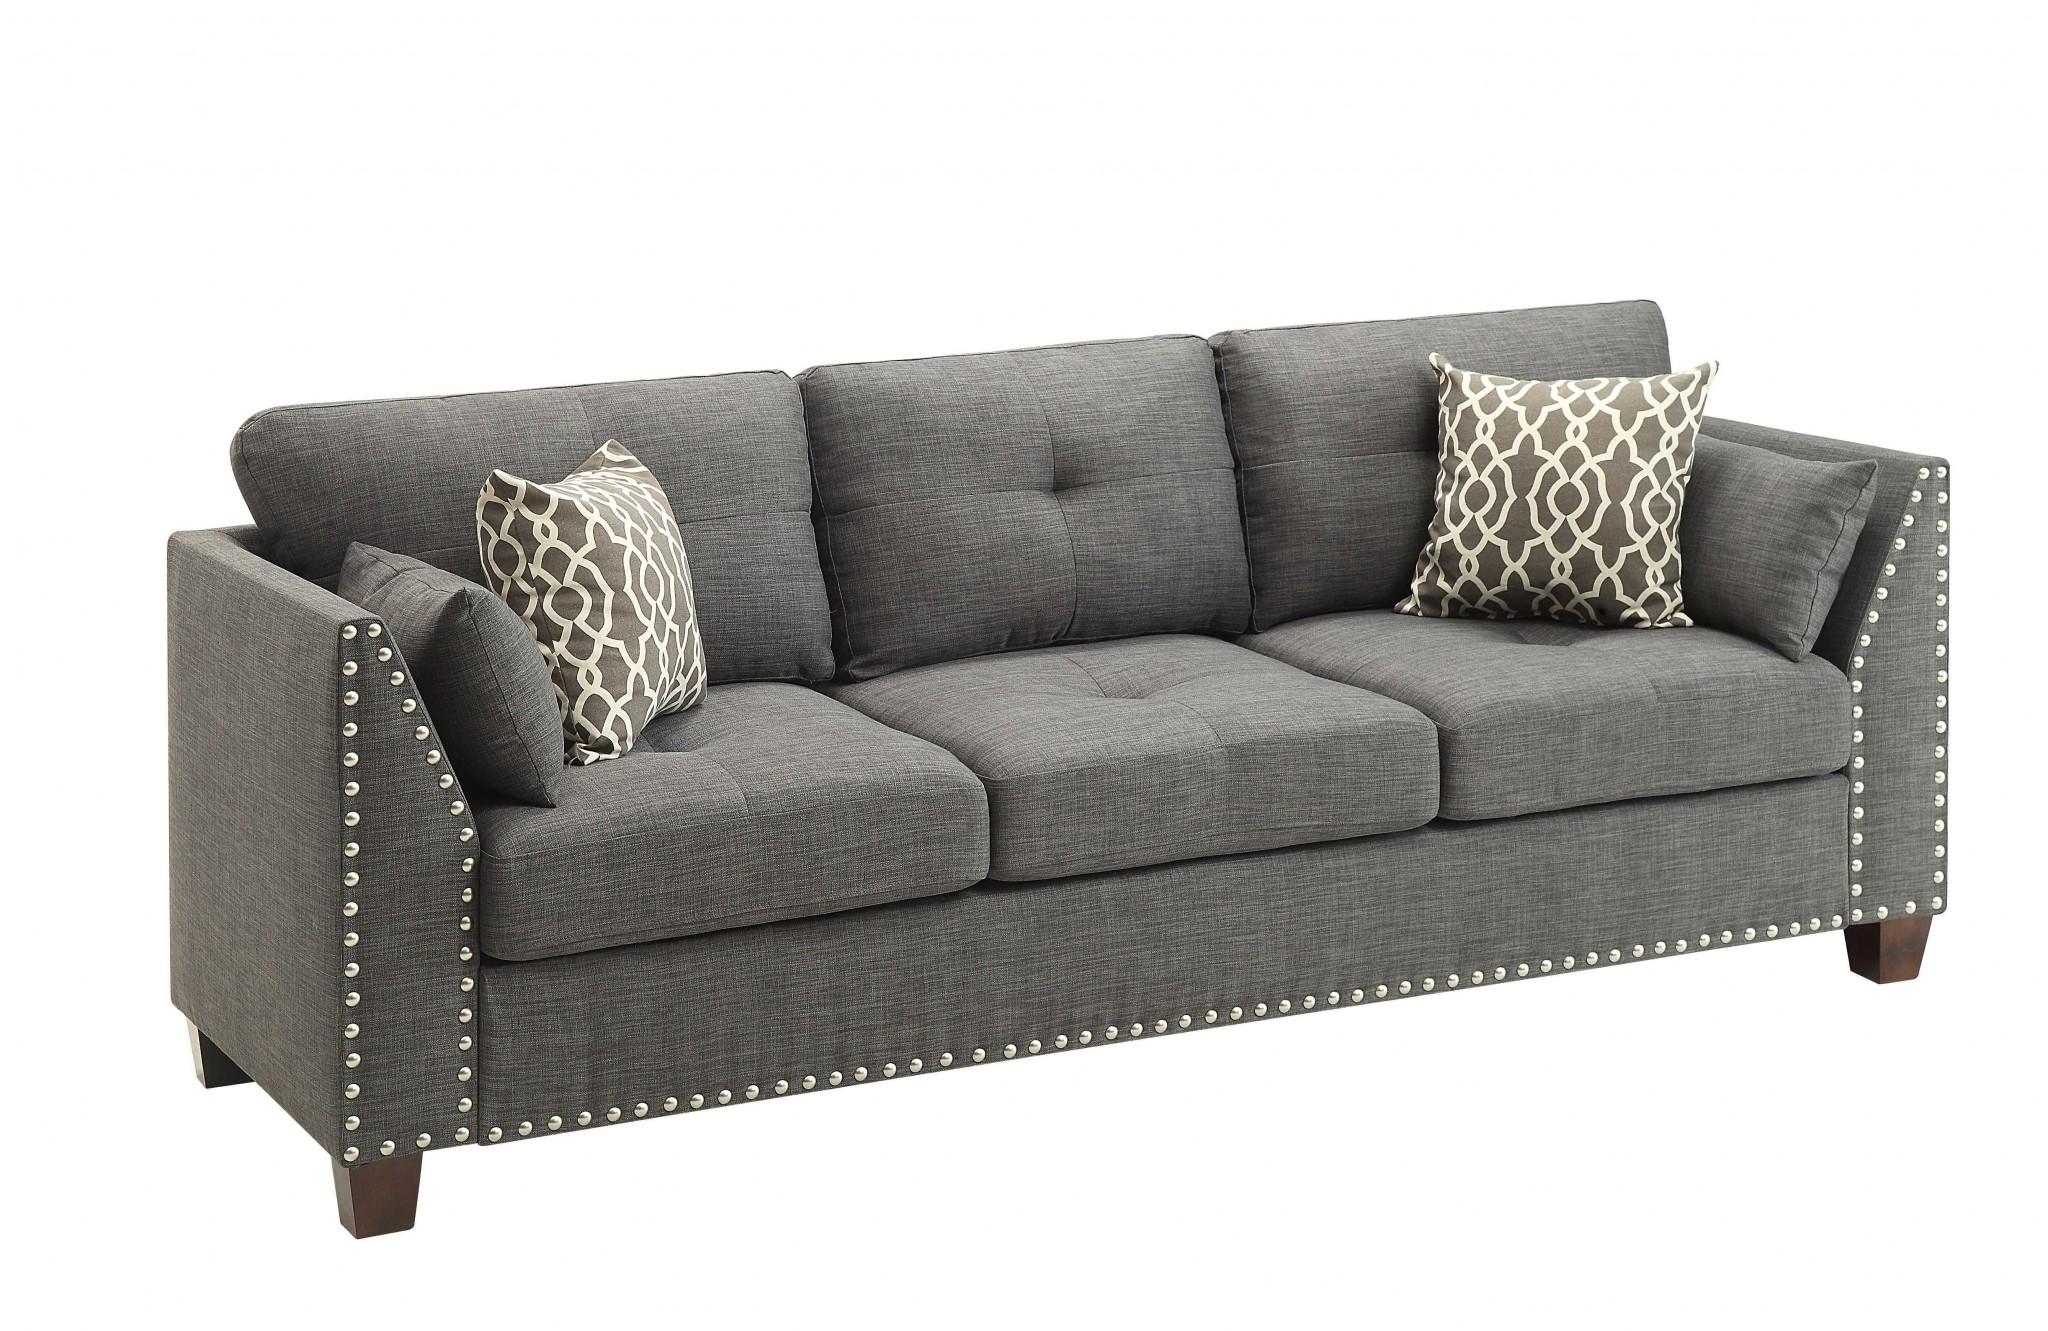 """81"""" X 31"""" X 35"""" Light Charcoal Linen Sofa w/4 Pillows"""